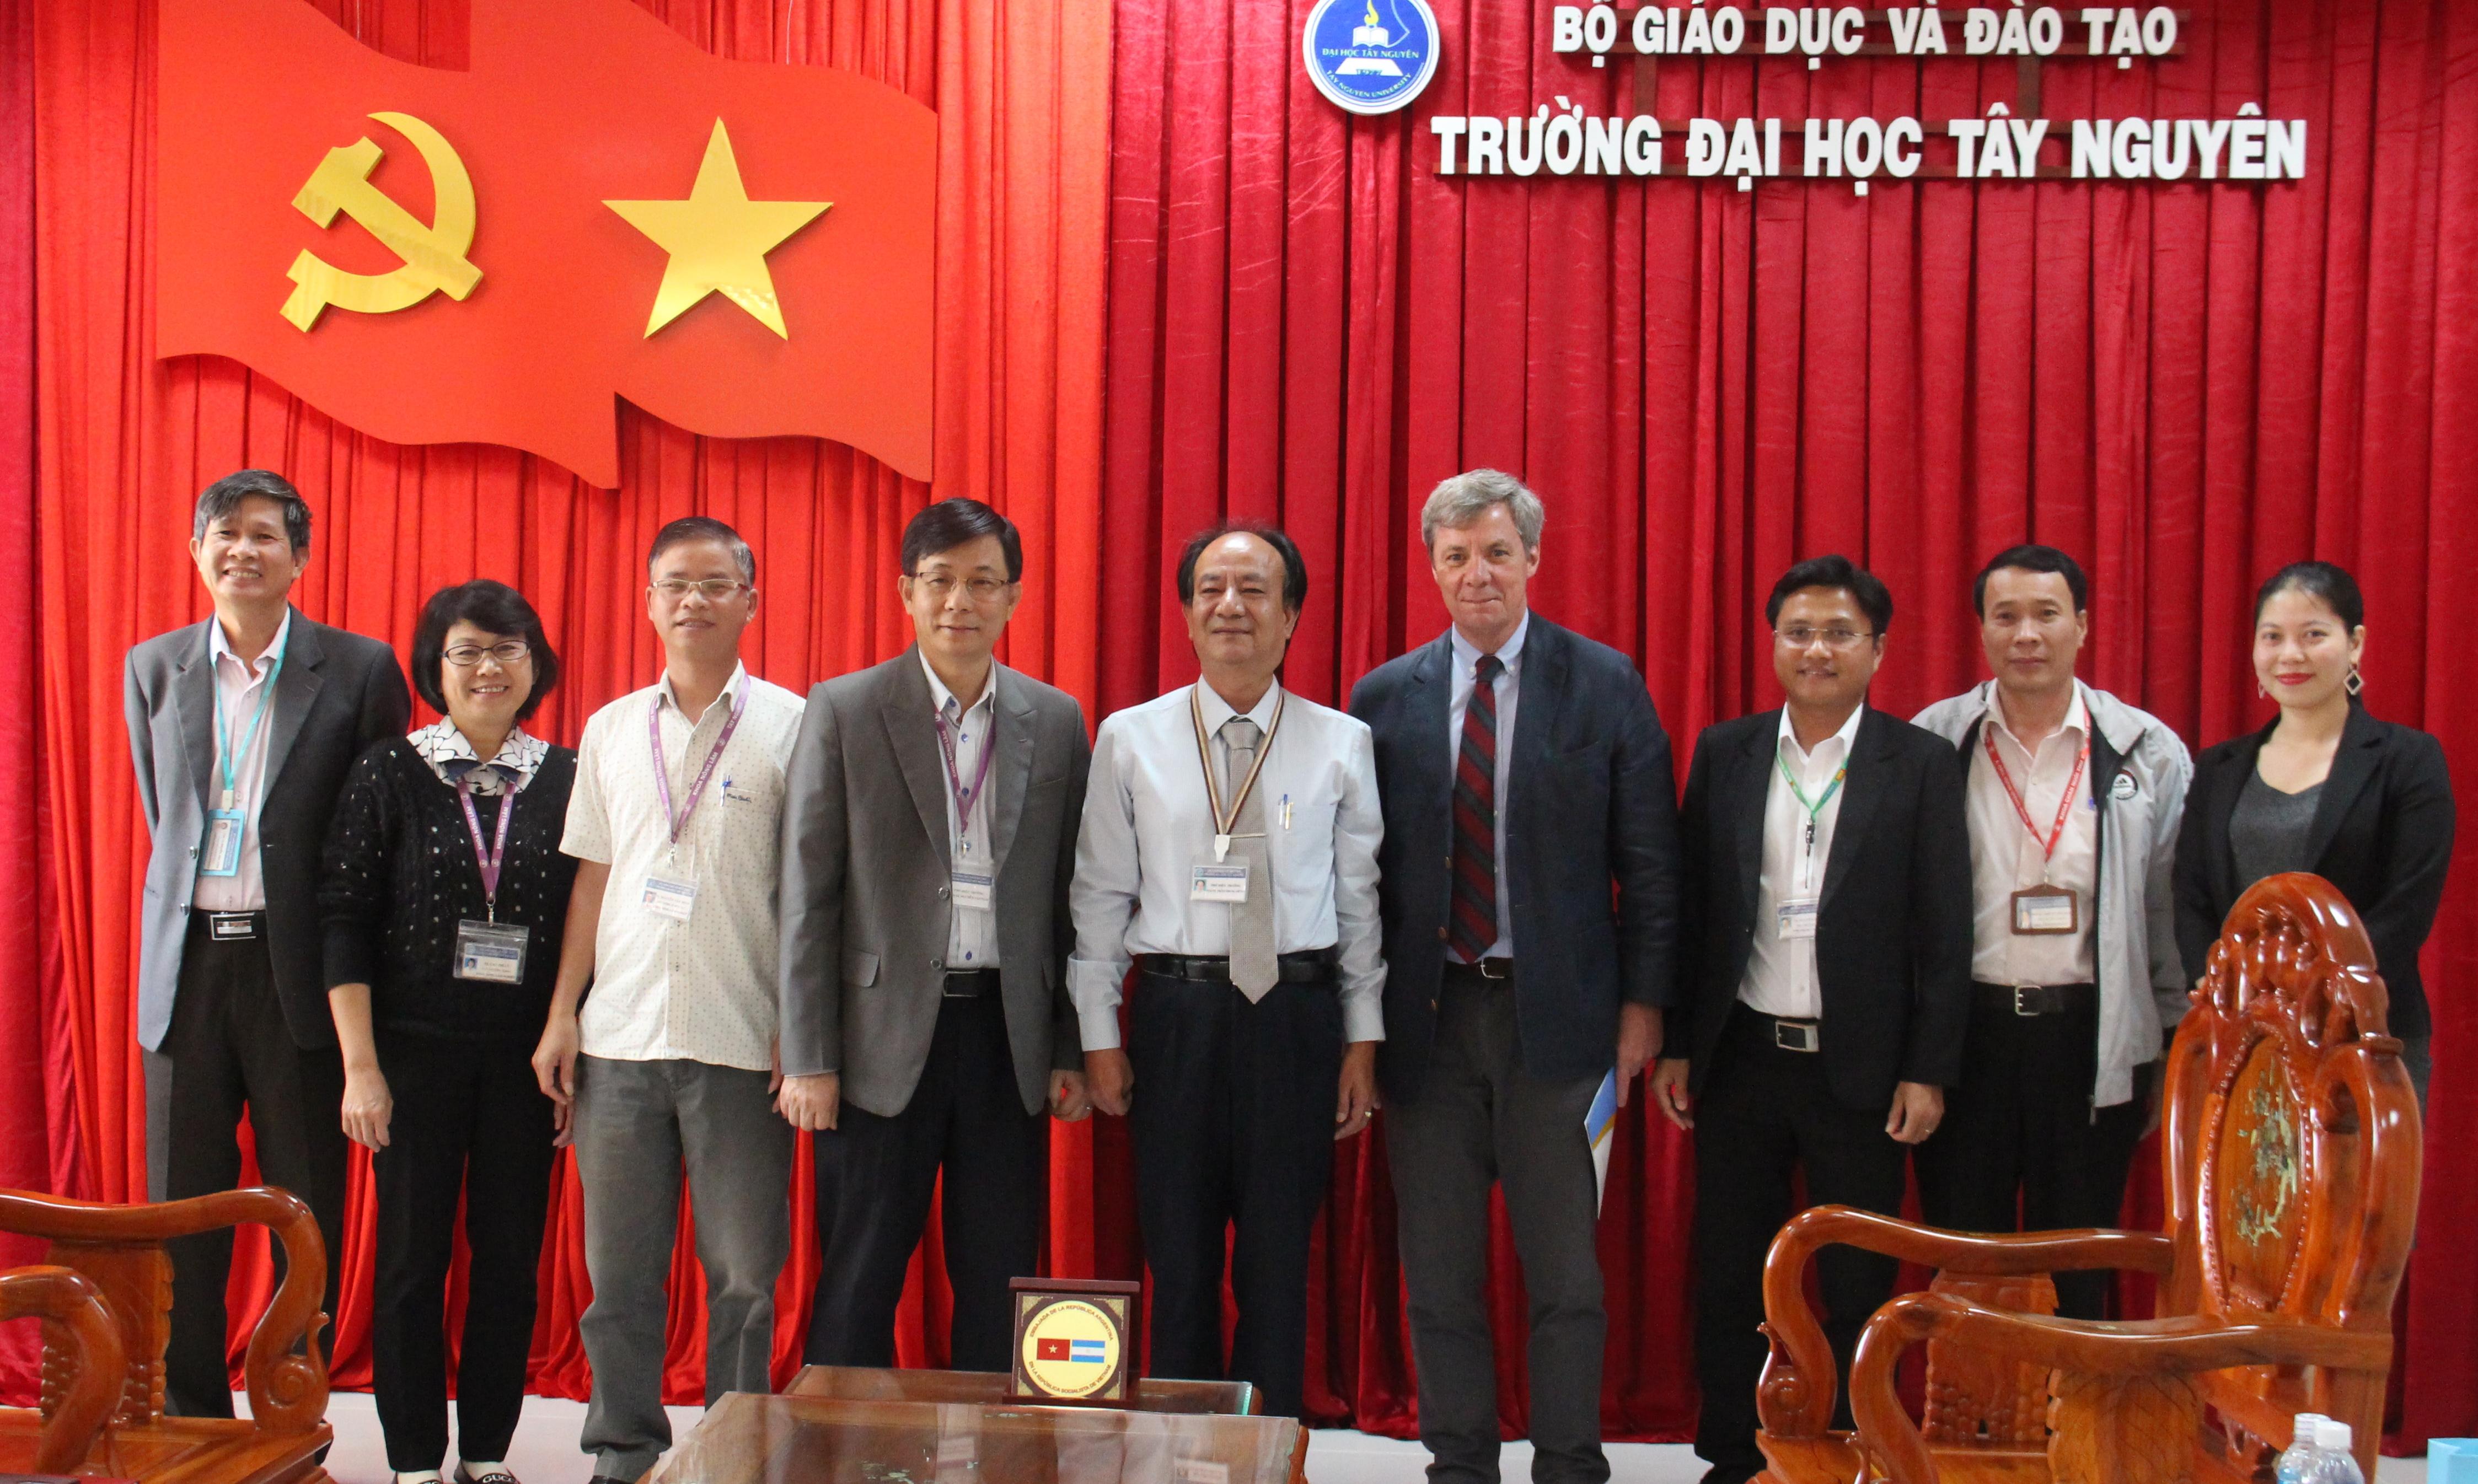 Đại sứ Argentina tại Việt Nam làm việc với trường Đại học Tây Nguyên